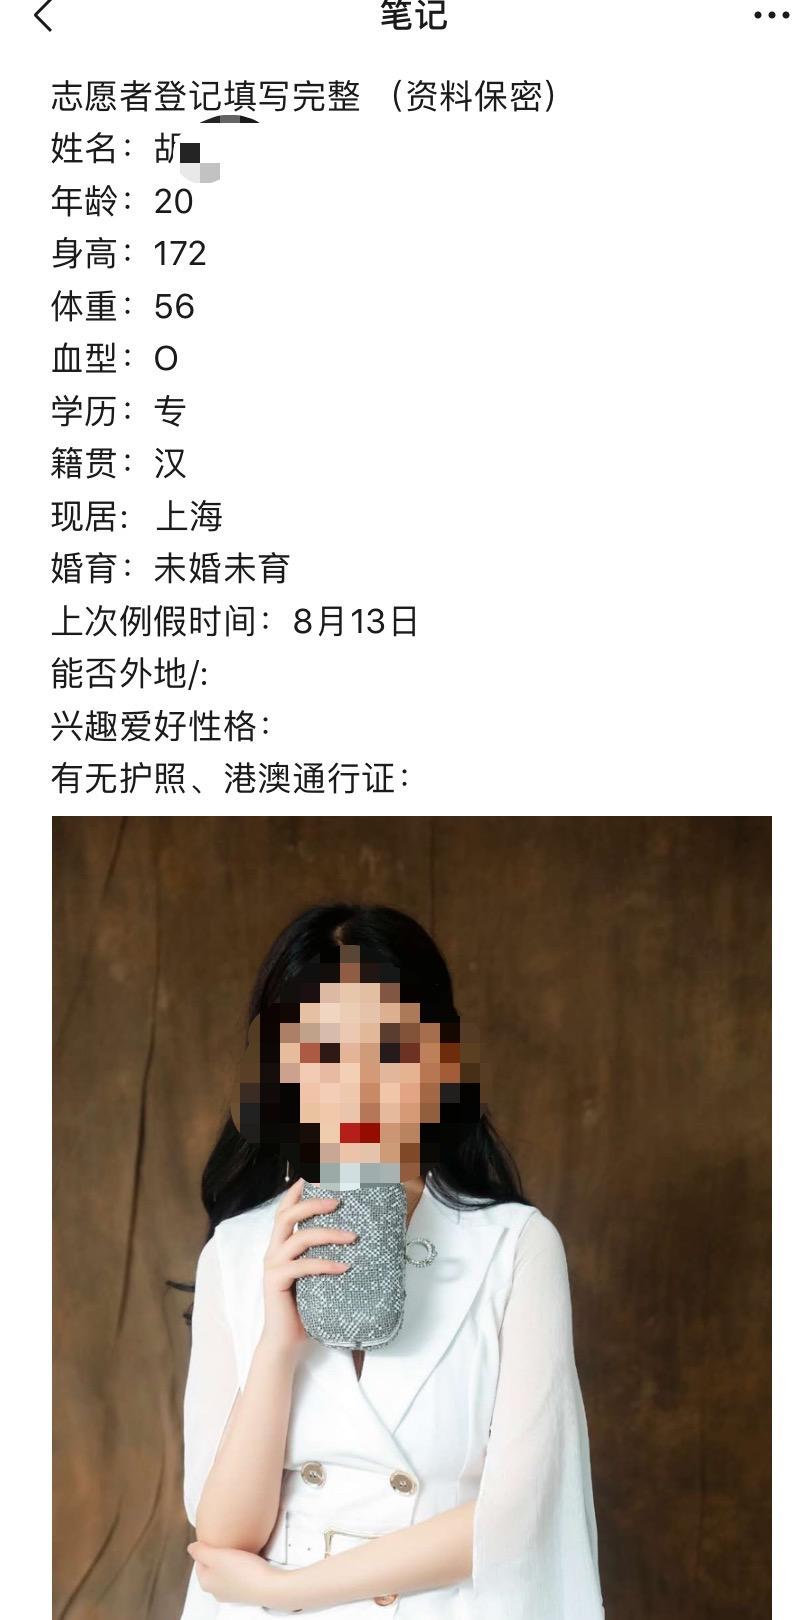 代孕公司向客户展示的其中一位卖卵女孩资料。